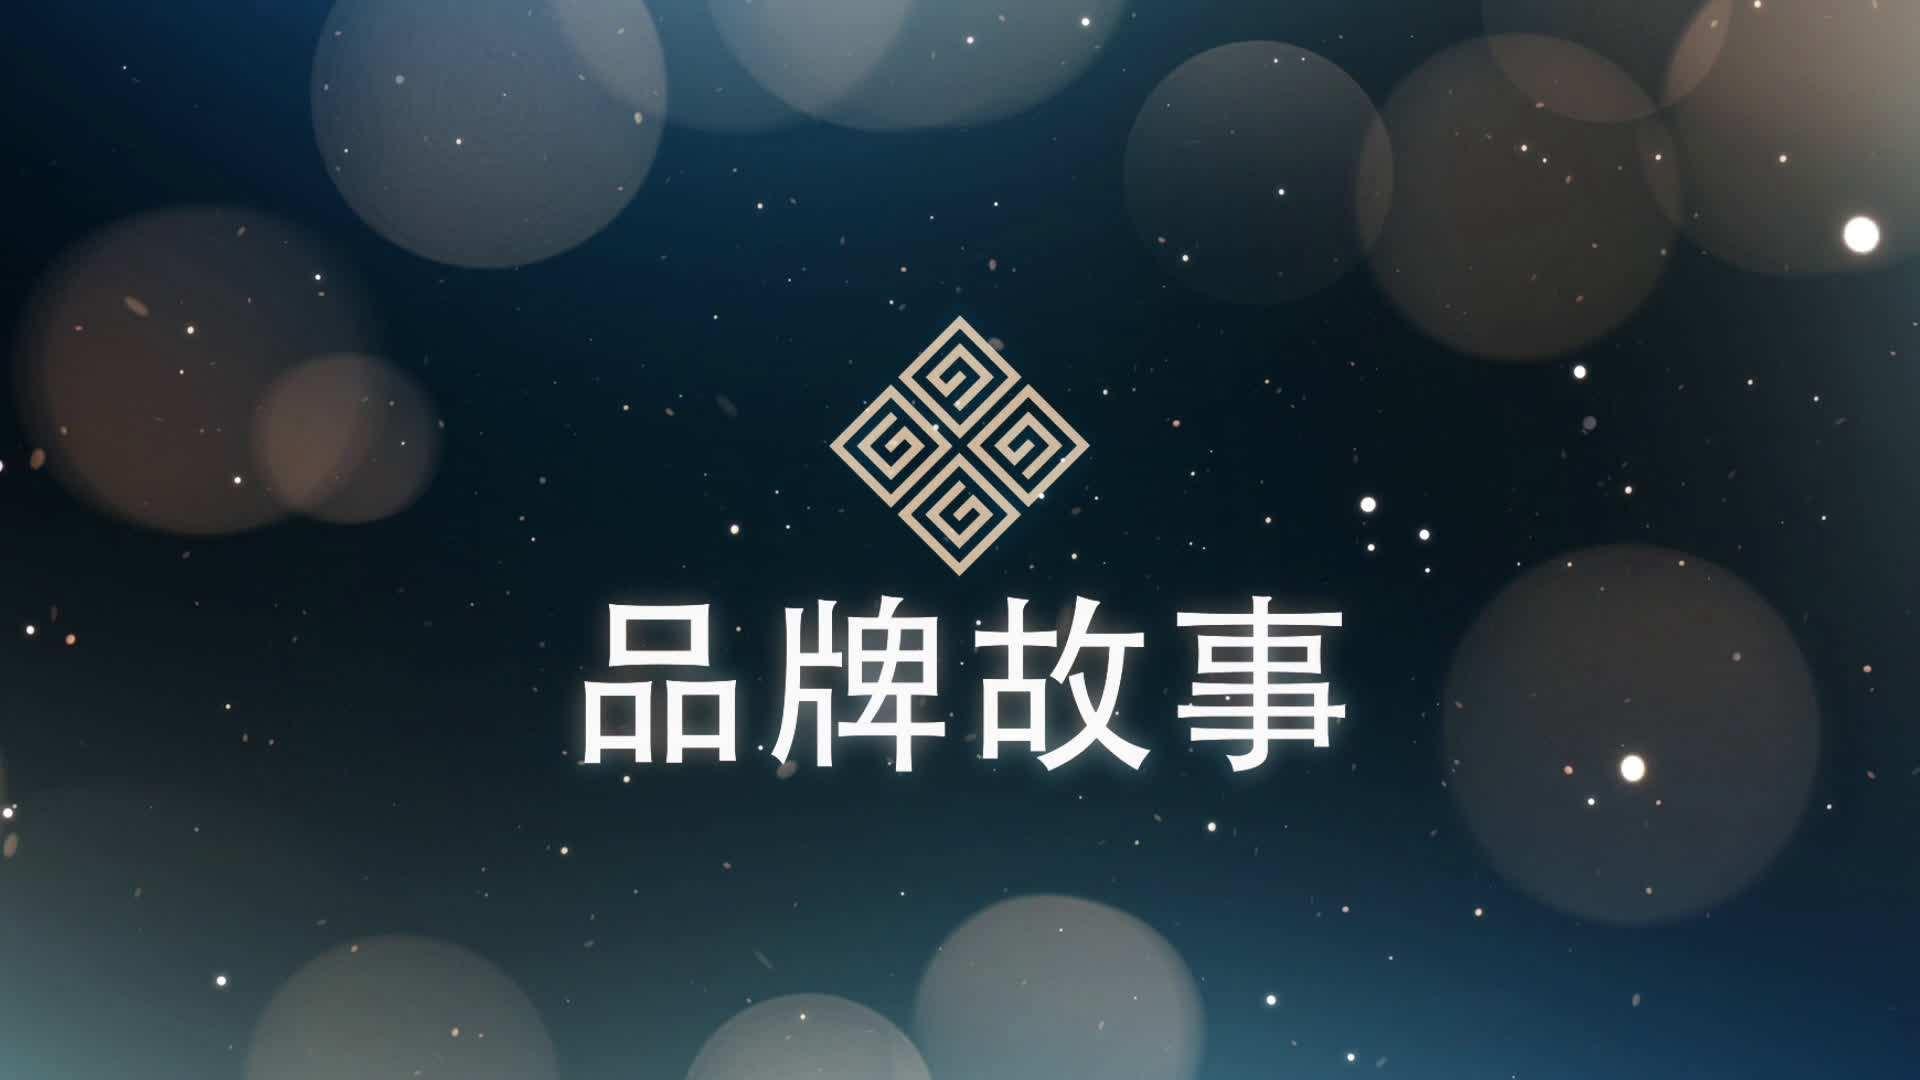 品牌策划,如何讲好你的品牌故事-上海尚略品牌策划公司